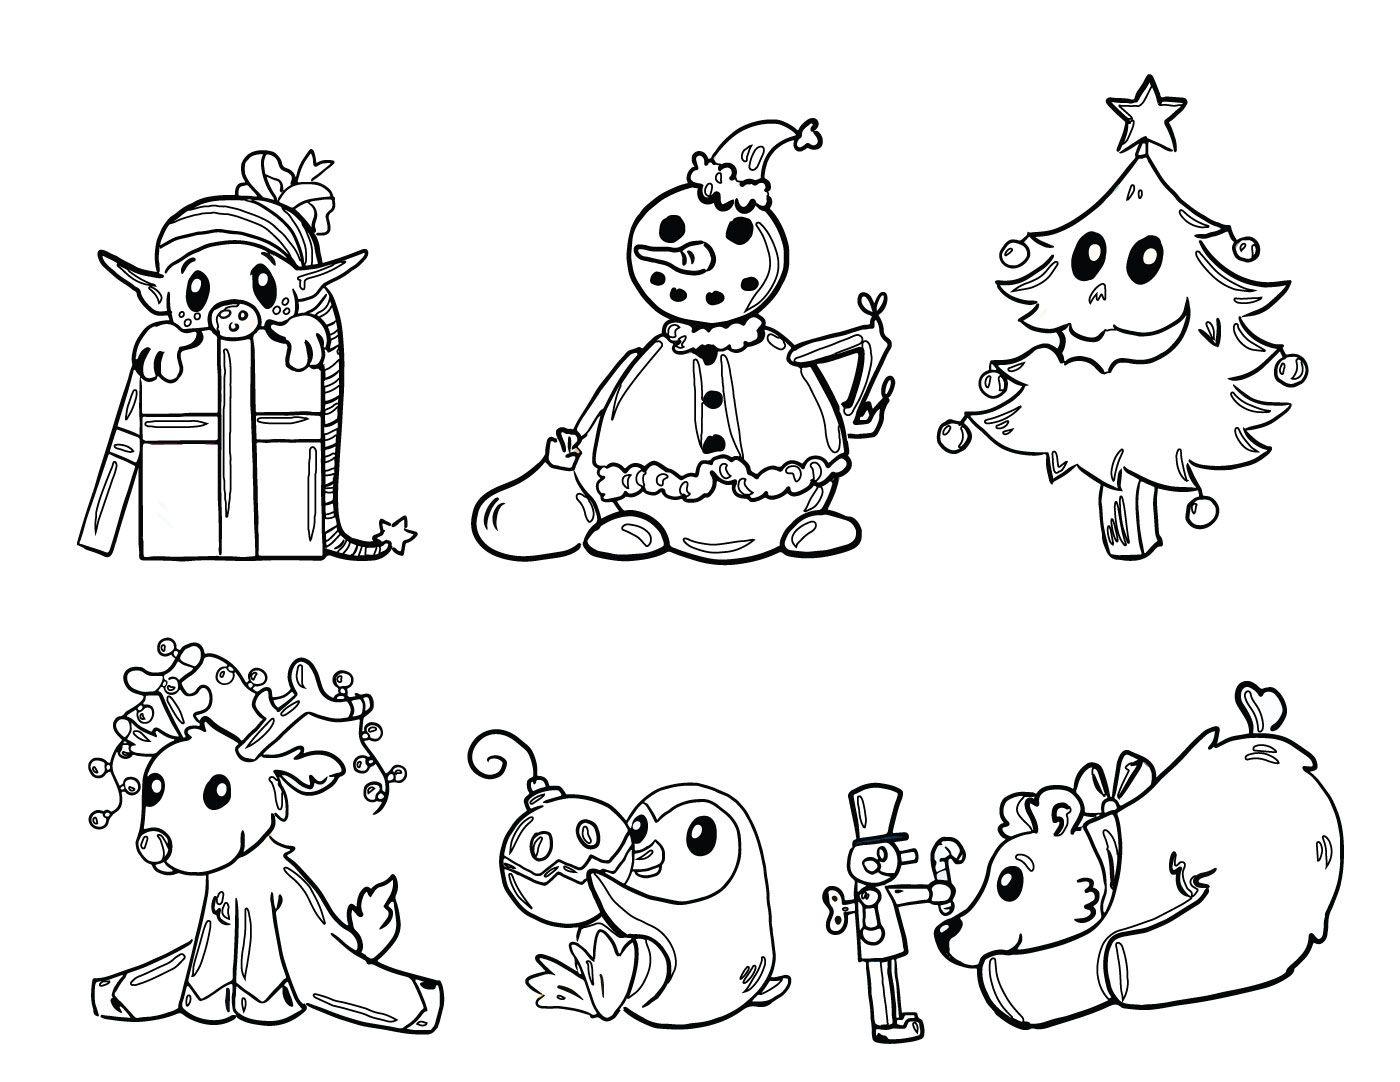 Dessin Des Amis Du Père Noel À Imprimer Gratuit serapportantà Coloriage De Pere Noel A Imprimer Gratuitement